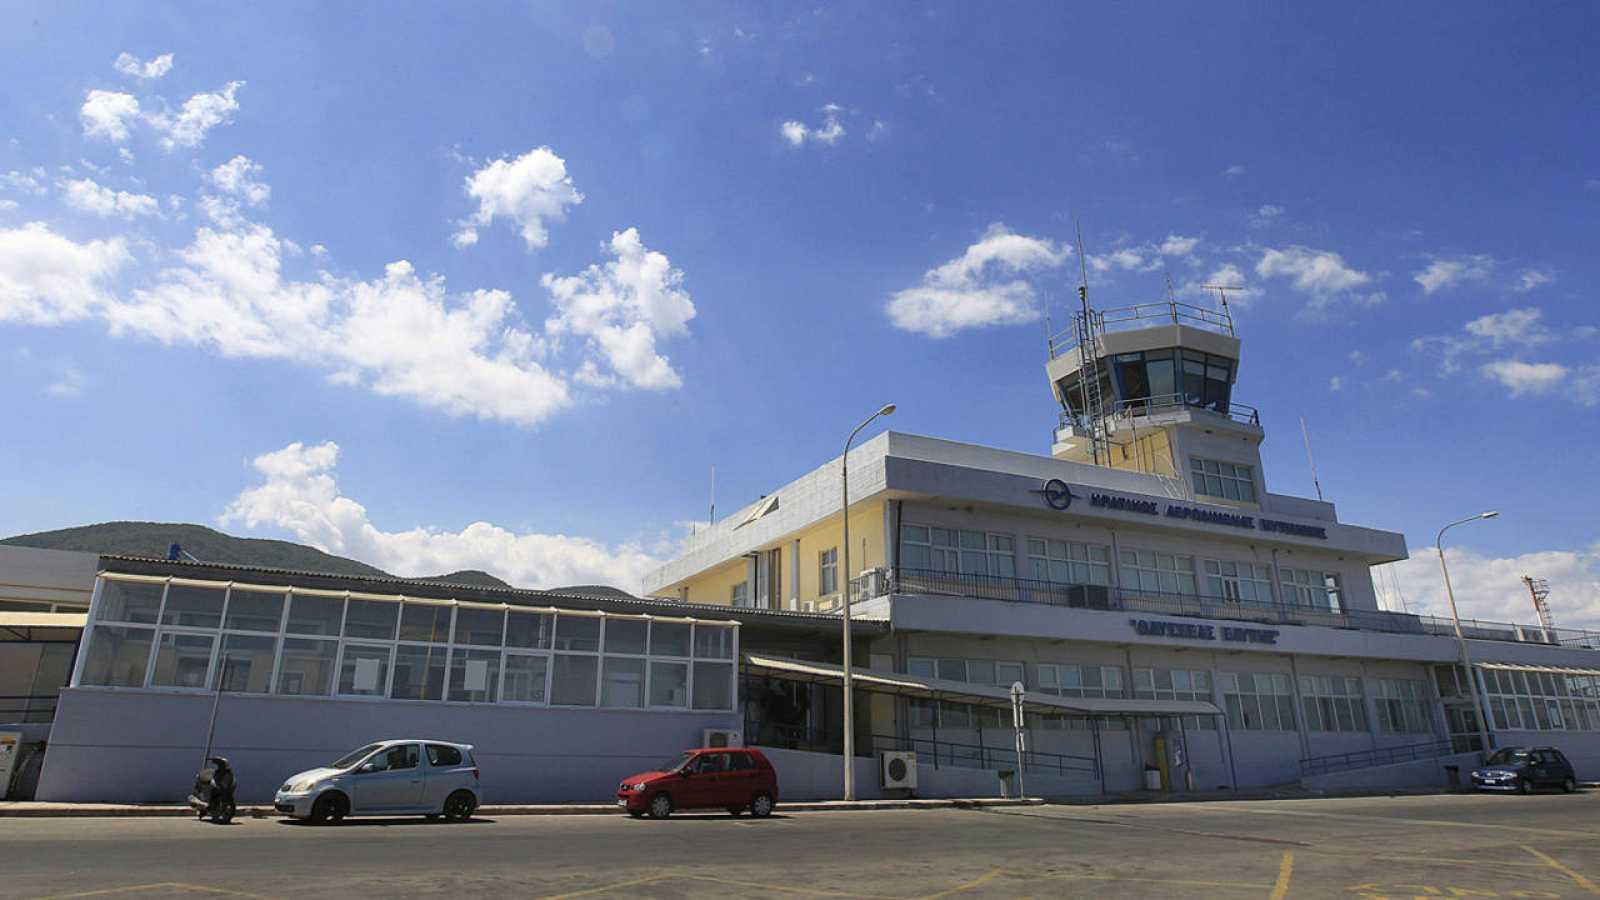 Vista del exterior del aeropuerto de Mitilene, en la Isla de Lesbos